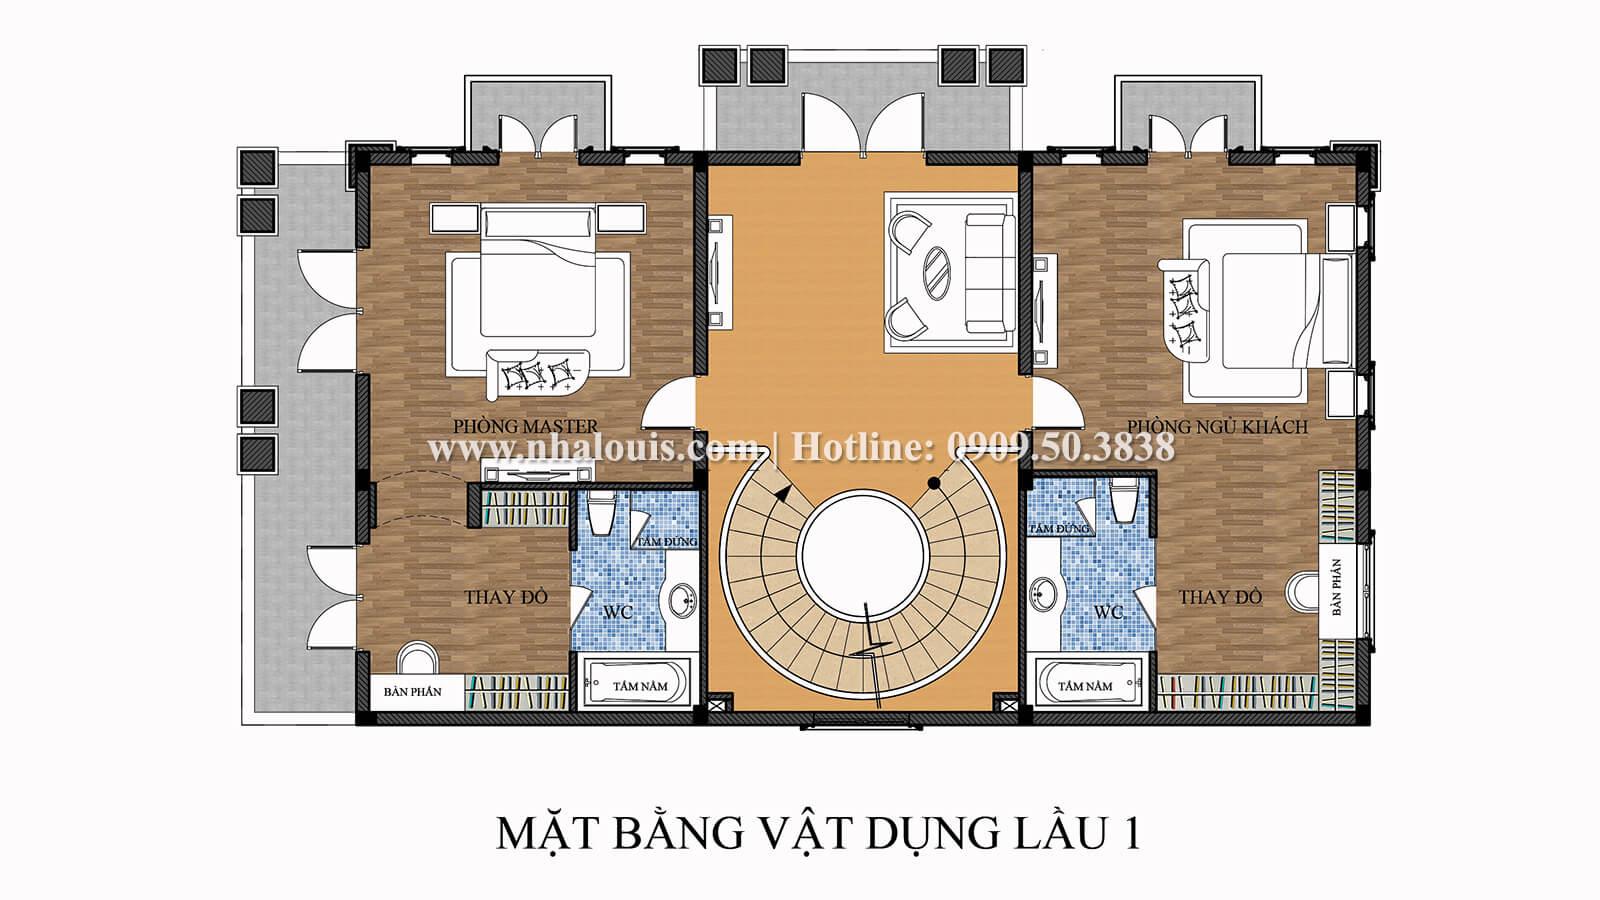 Mặt bằng tầng 1 Thiết kế biệt thự 9x15m cổ điển sang trọng tại Thanh Hóa